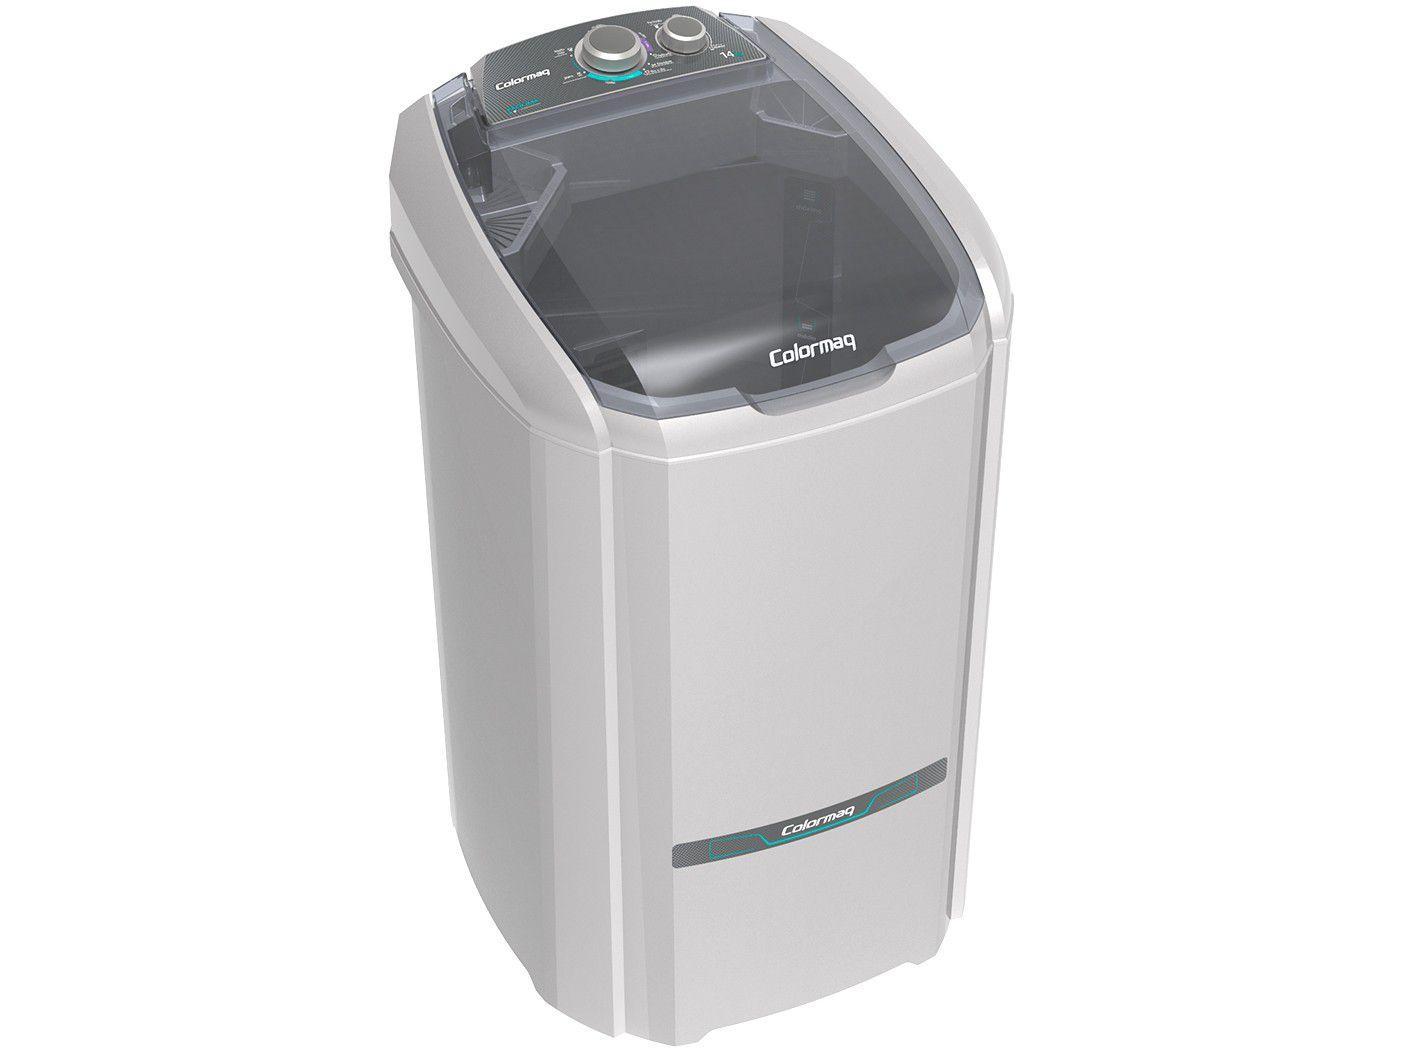 Lavadora Semiautomática Colormaq 14kg - LCS 14